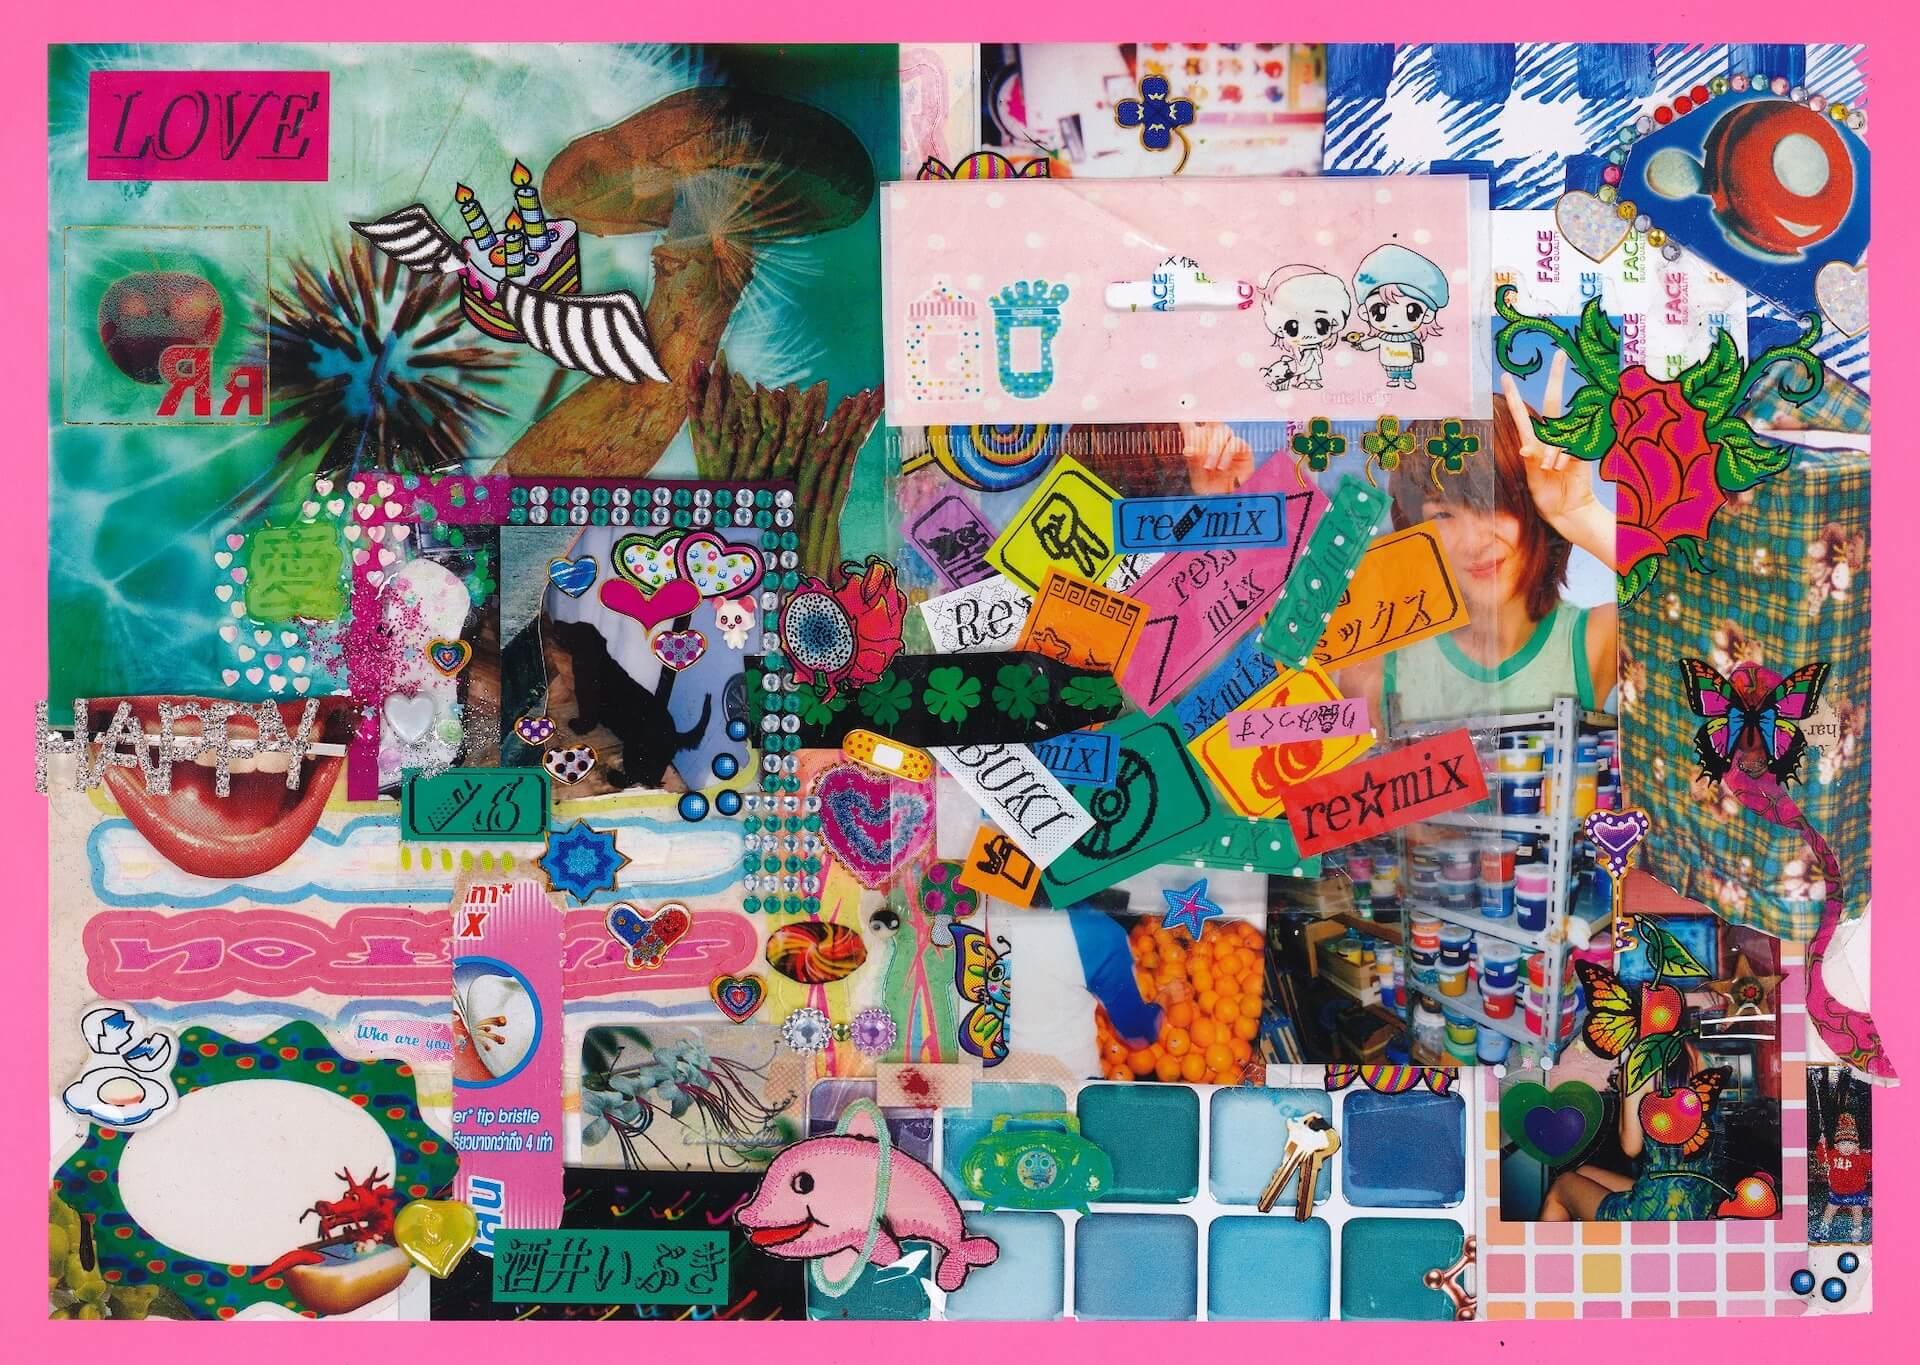 酒井いぶきとatmos pinkのコラボレーションアパレルが発売決定!アイテムデコレーションを楽しむ<ペタペタ会>も開催 Fashion_210712_ibuki-sakai9